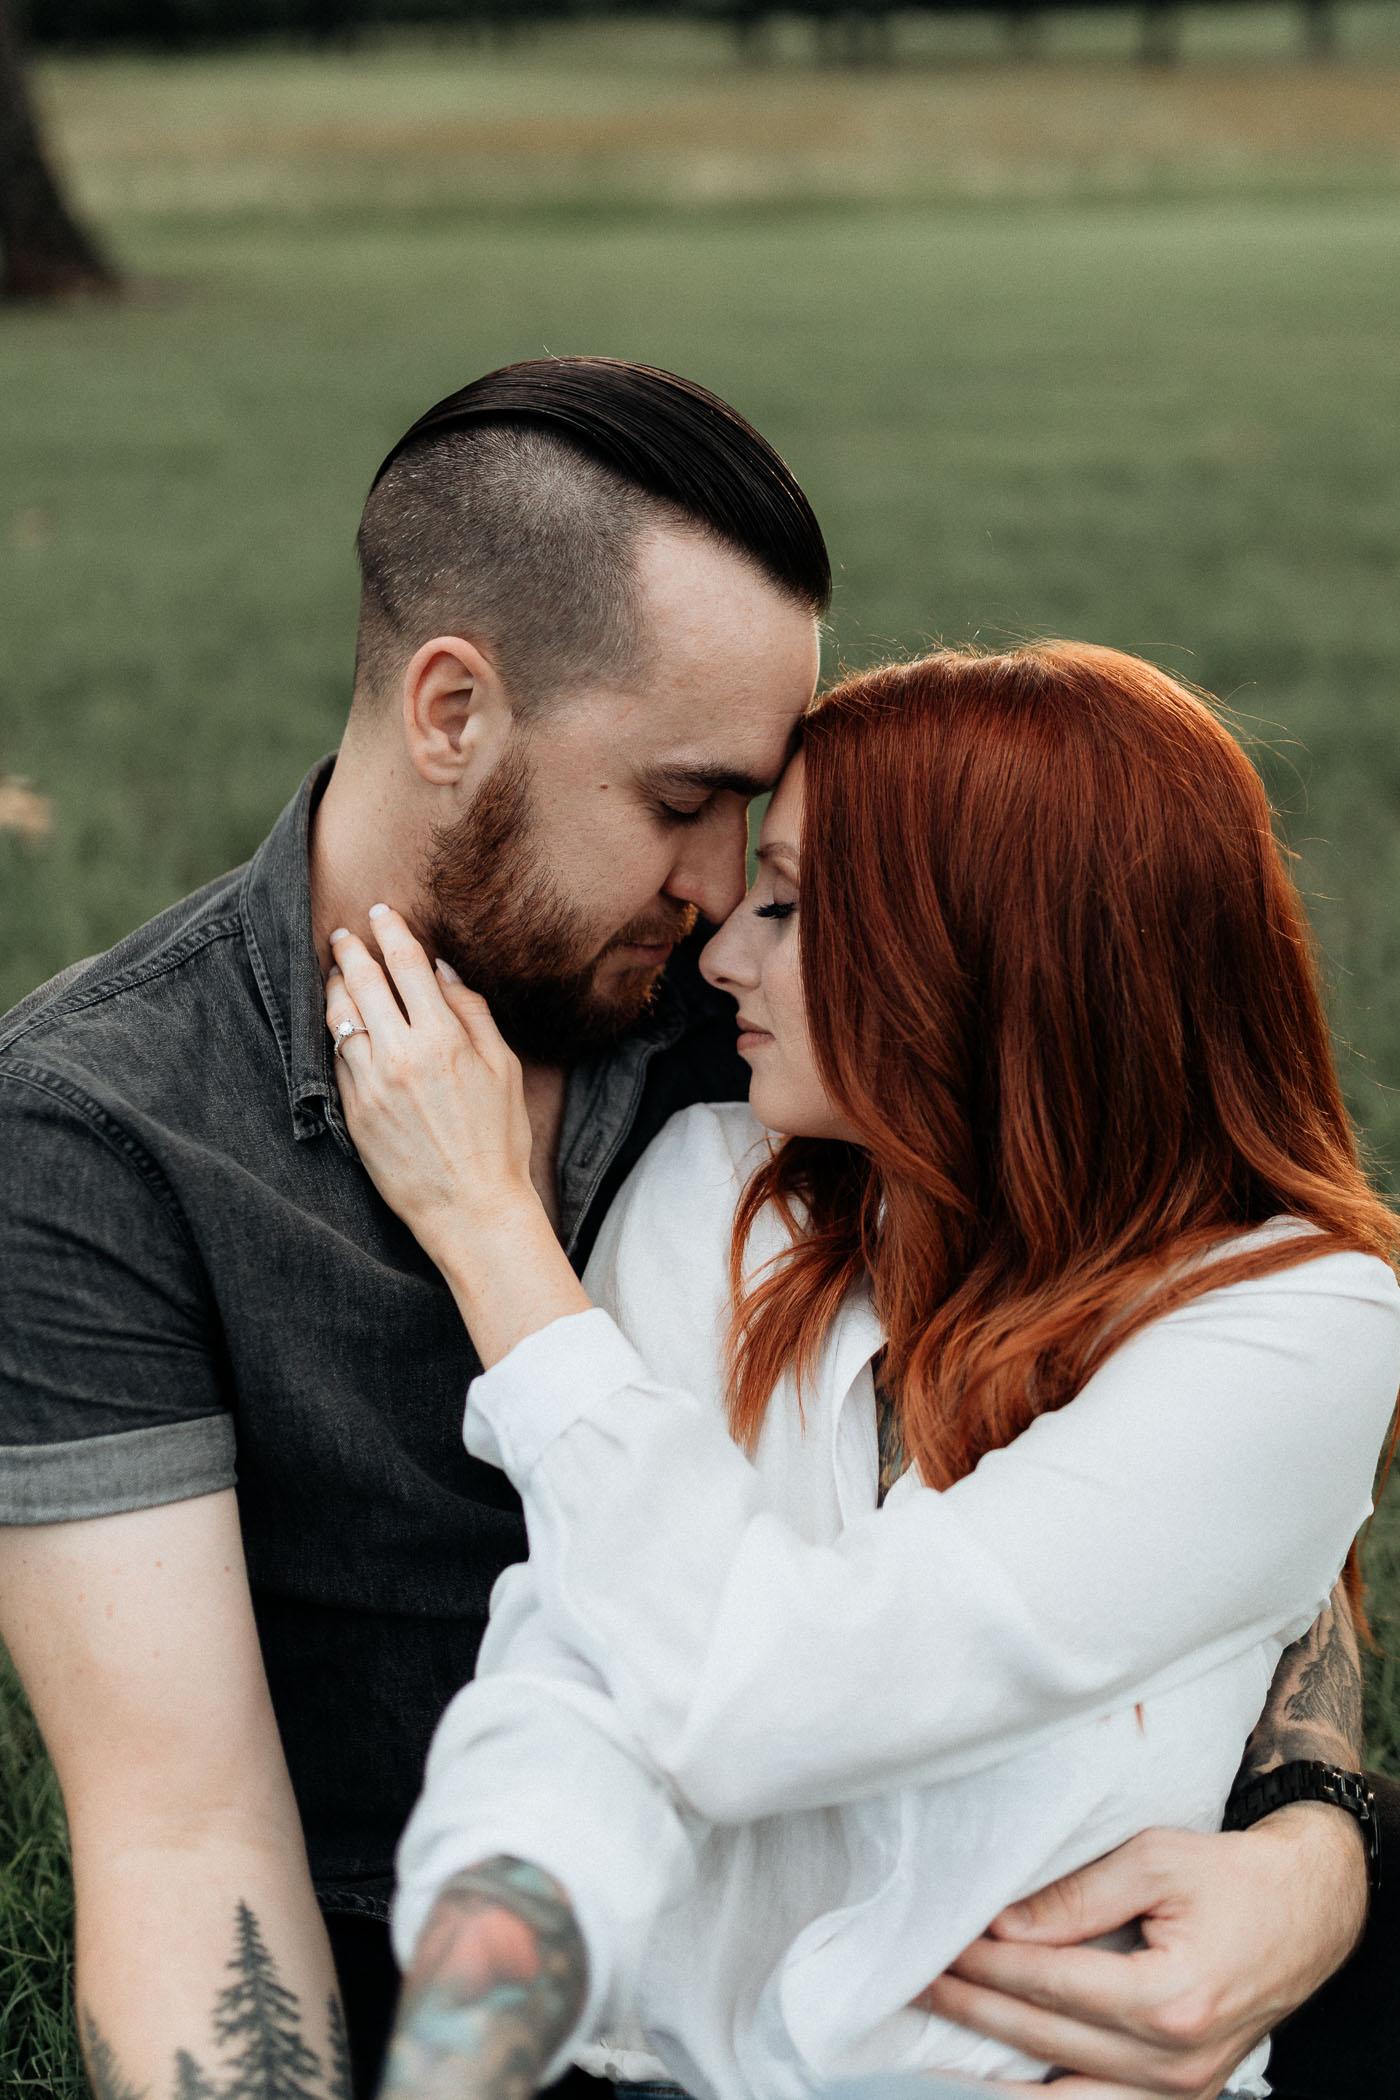 Romantic couples photography DFW